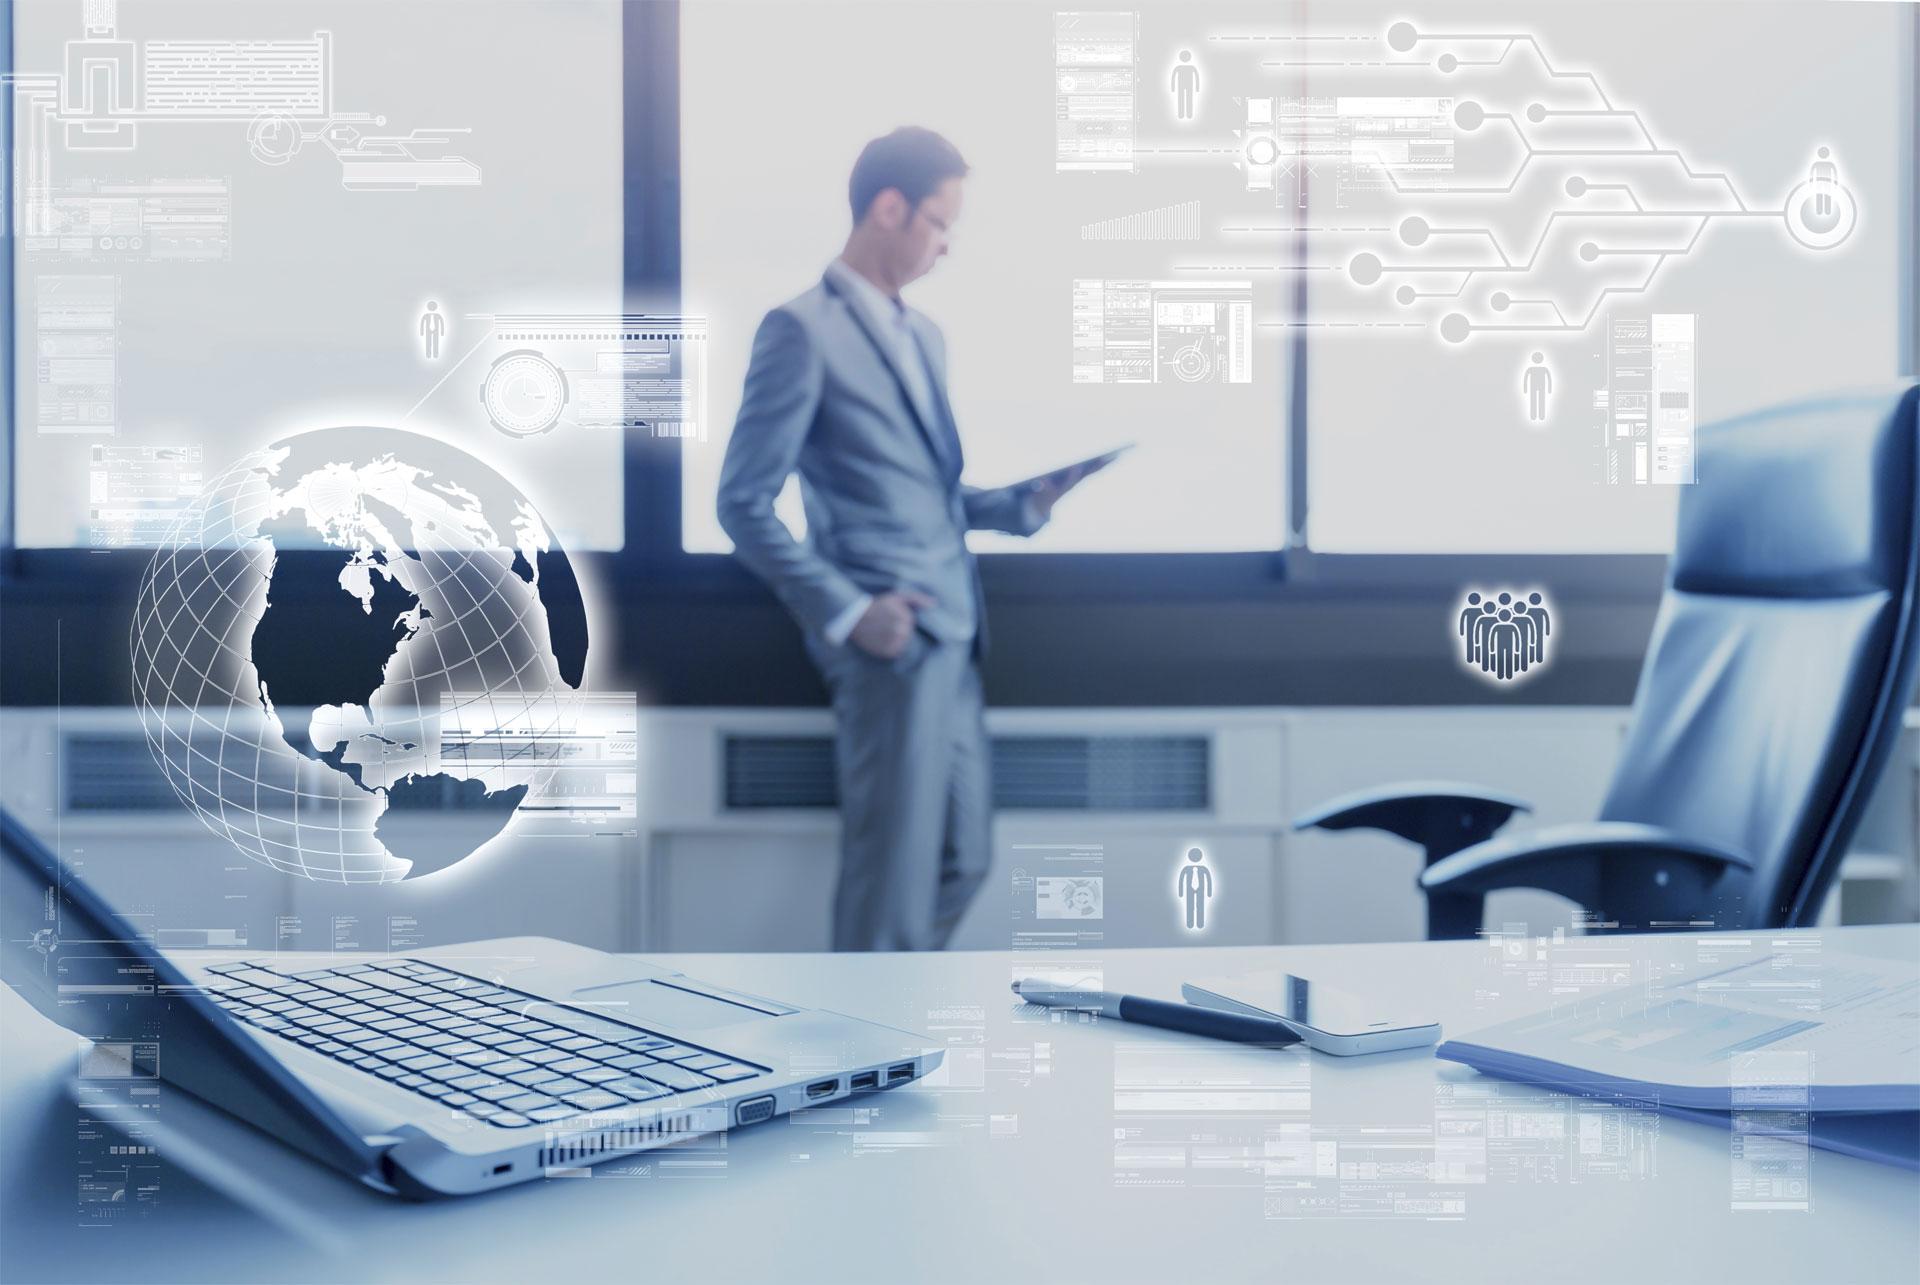 La visión futurista de Corning ha llenado nuestra vida de productos tecnológicos avanzados